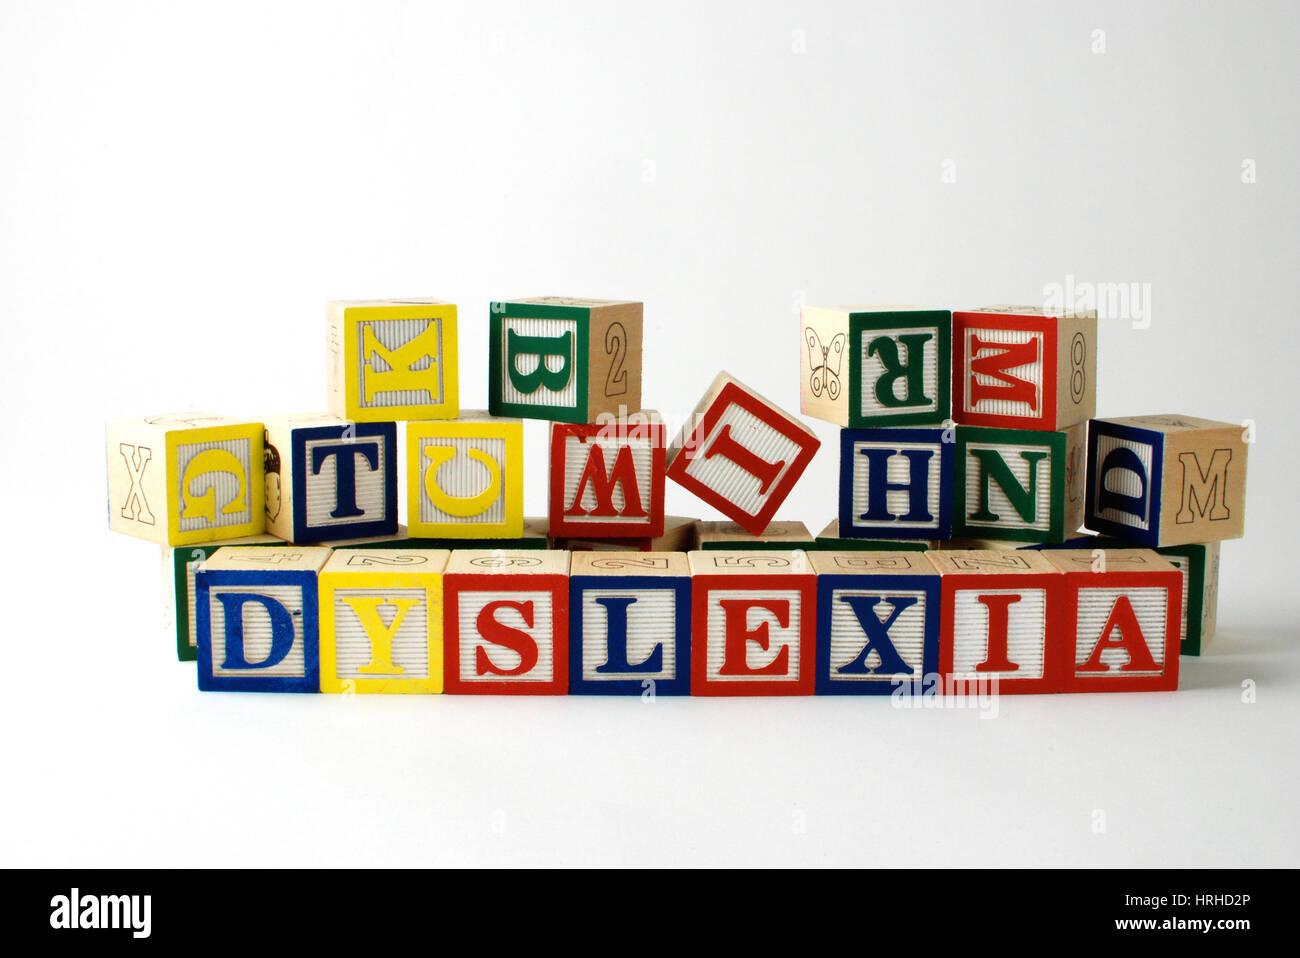 Dyslexia - Stock Image